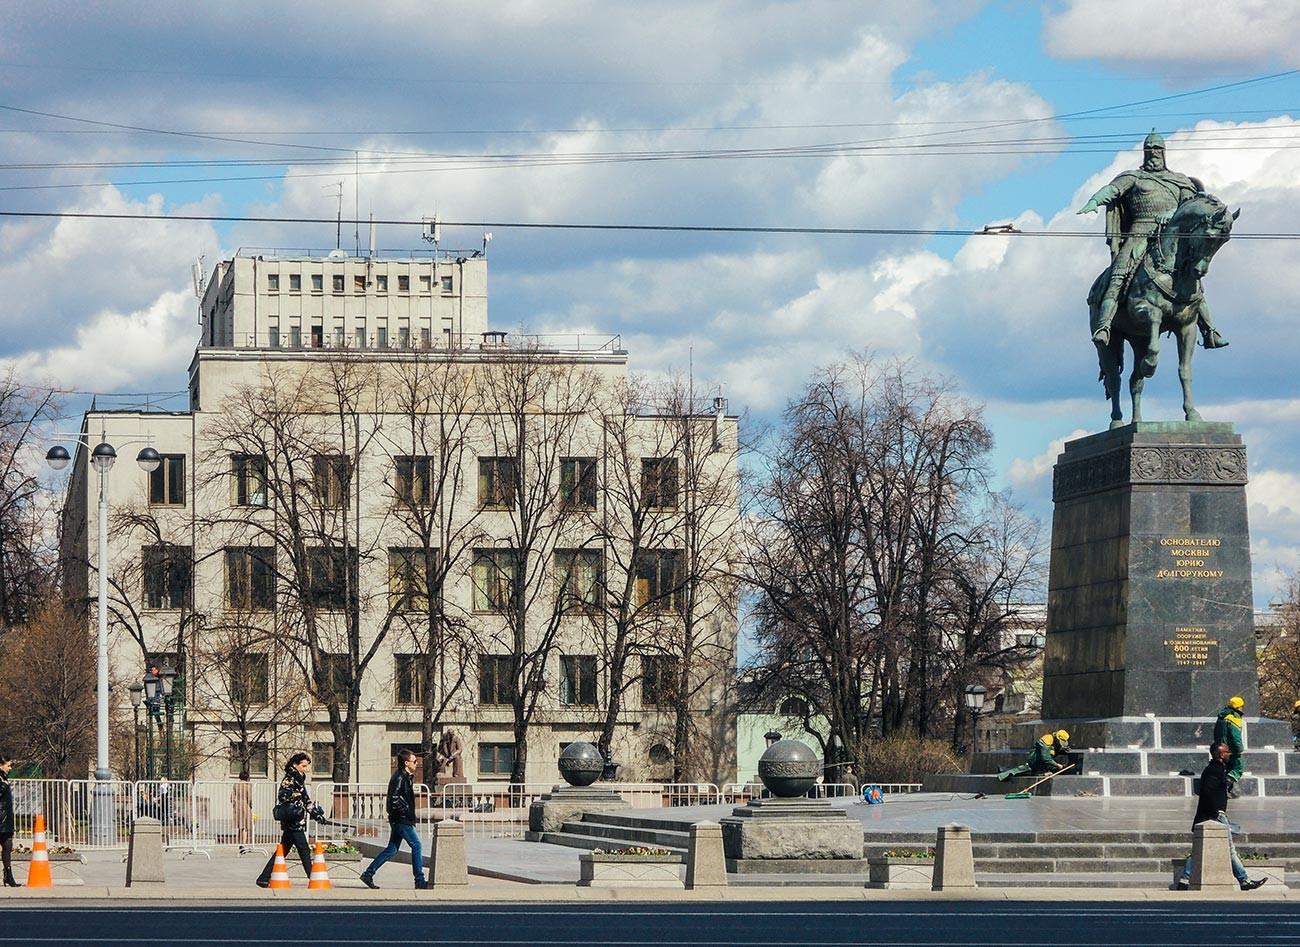 La plaza Tverskaya en Moscú. Debajo de ella, se encuentra el búnker